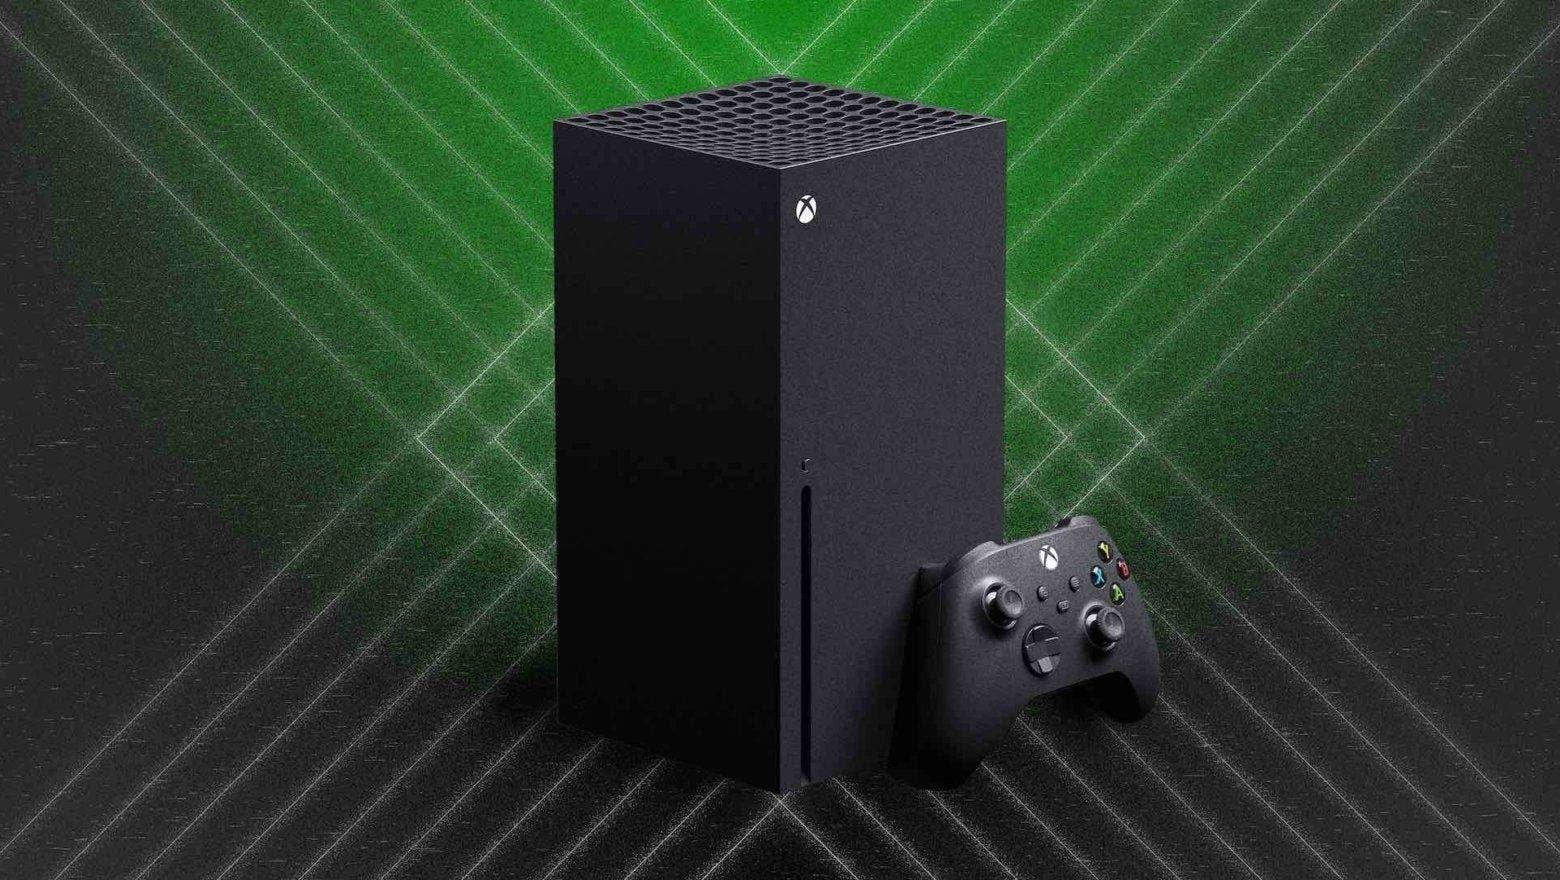 fecha de lanzamiento de Xbox Series X